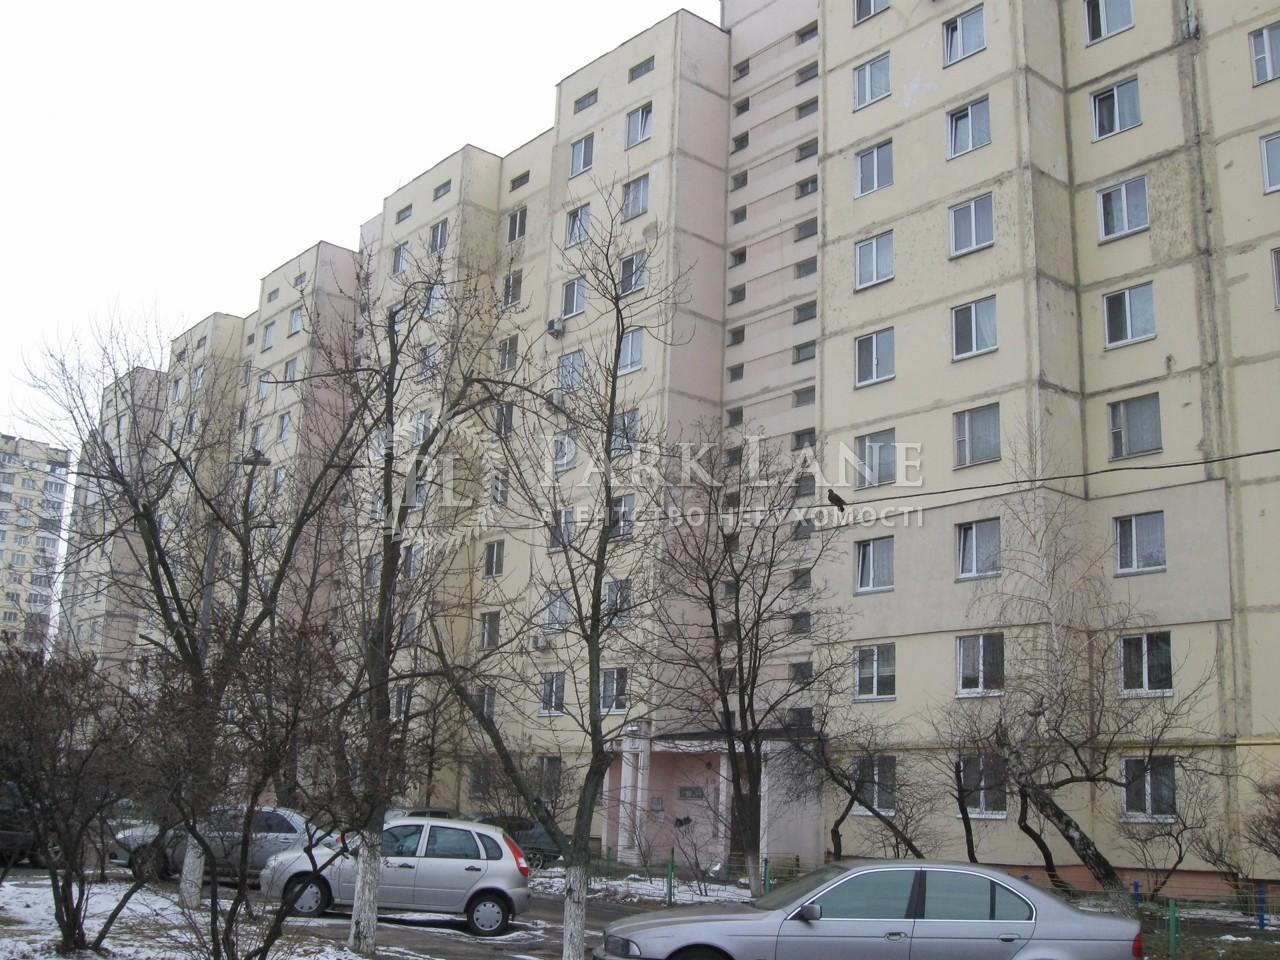 Квартира B-89588, Героев Днепра, 32, Киев - Фото 1